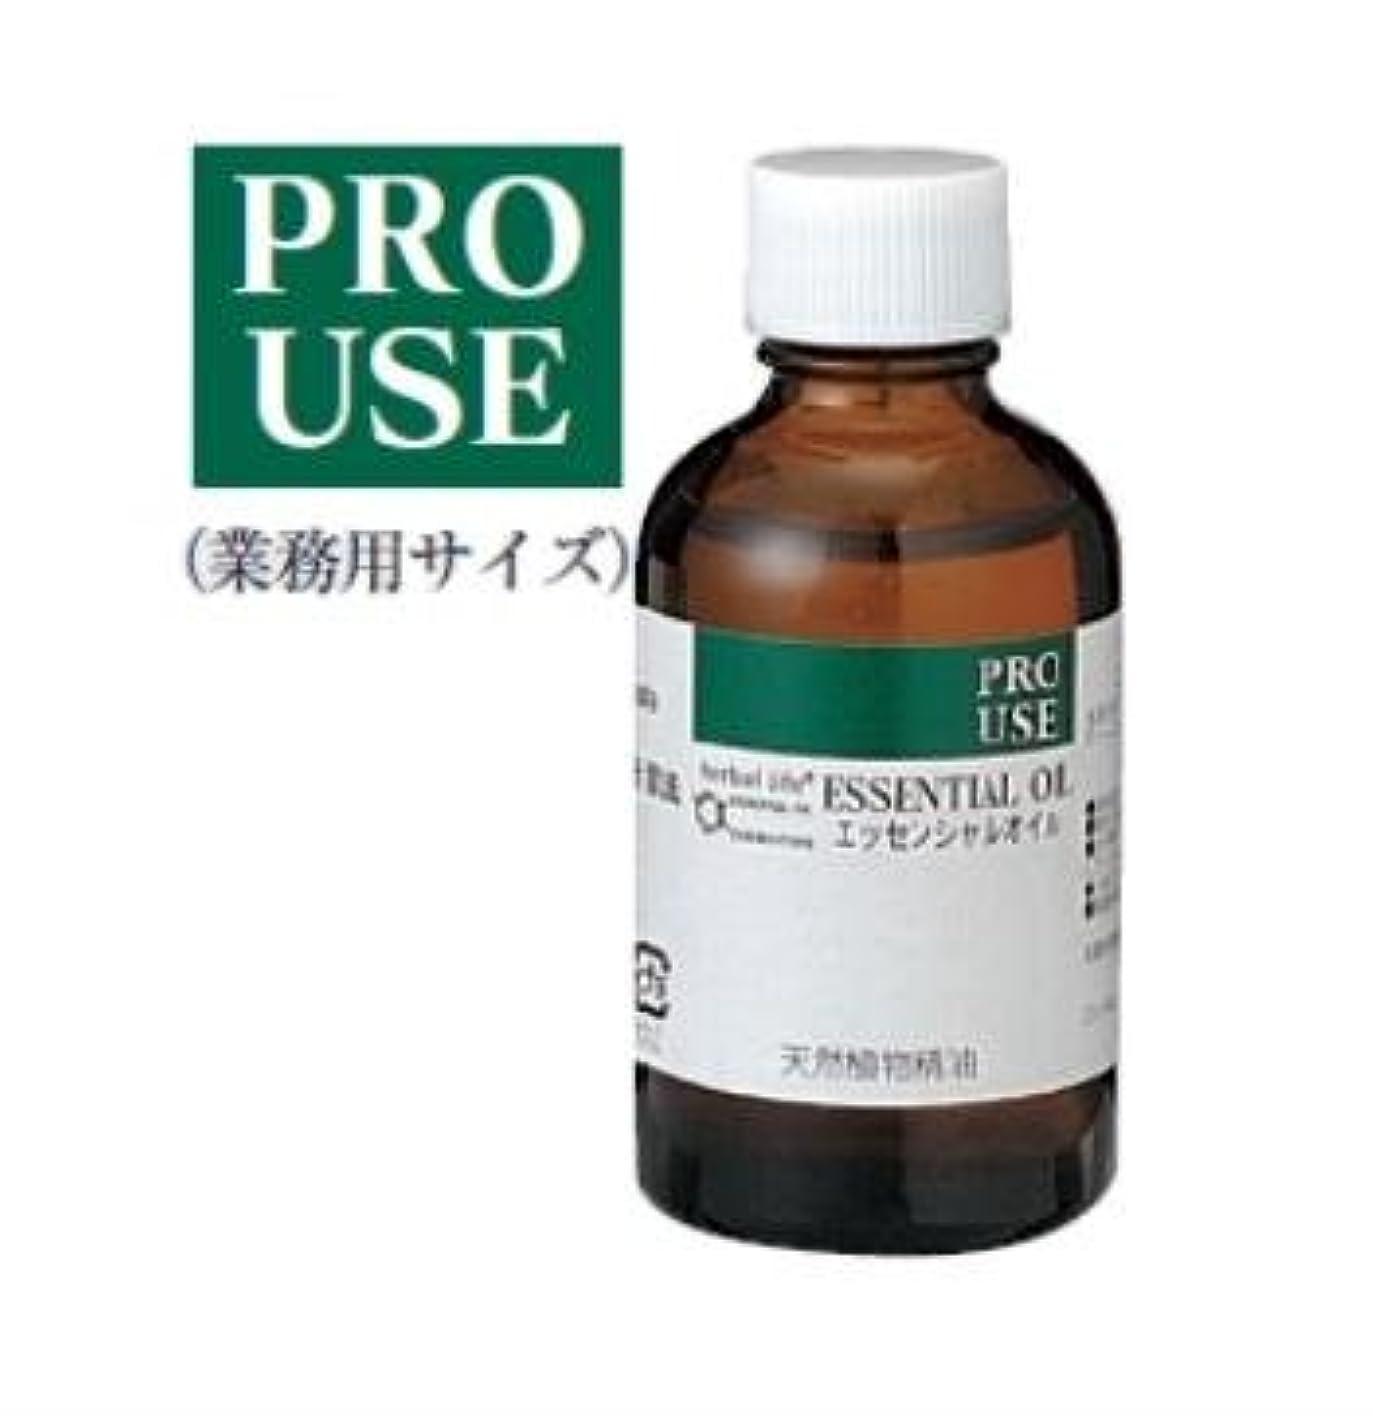 生活の木 エッセンシャルオイル ゼラニウム 精油 50ml アロマオイル アロマ